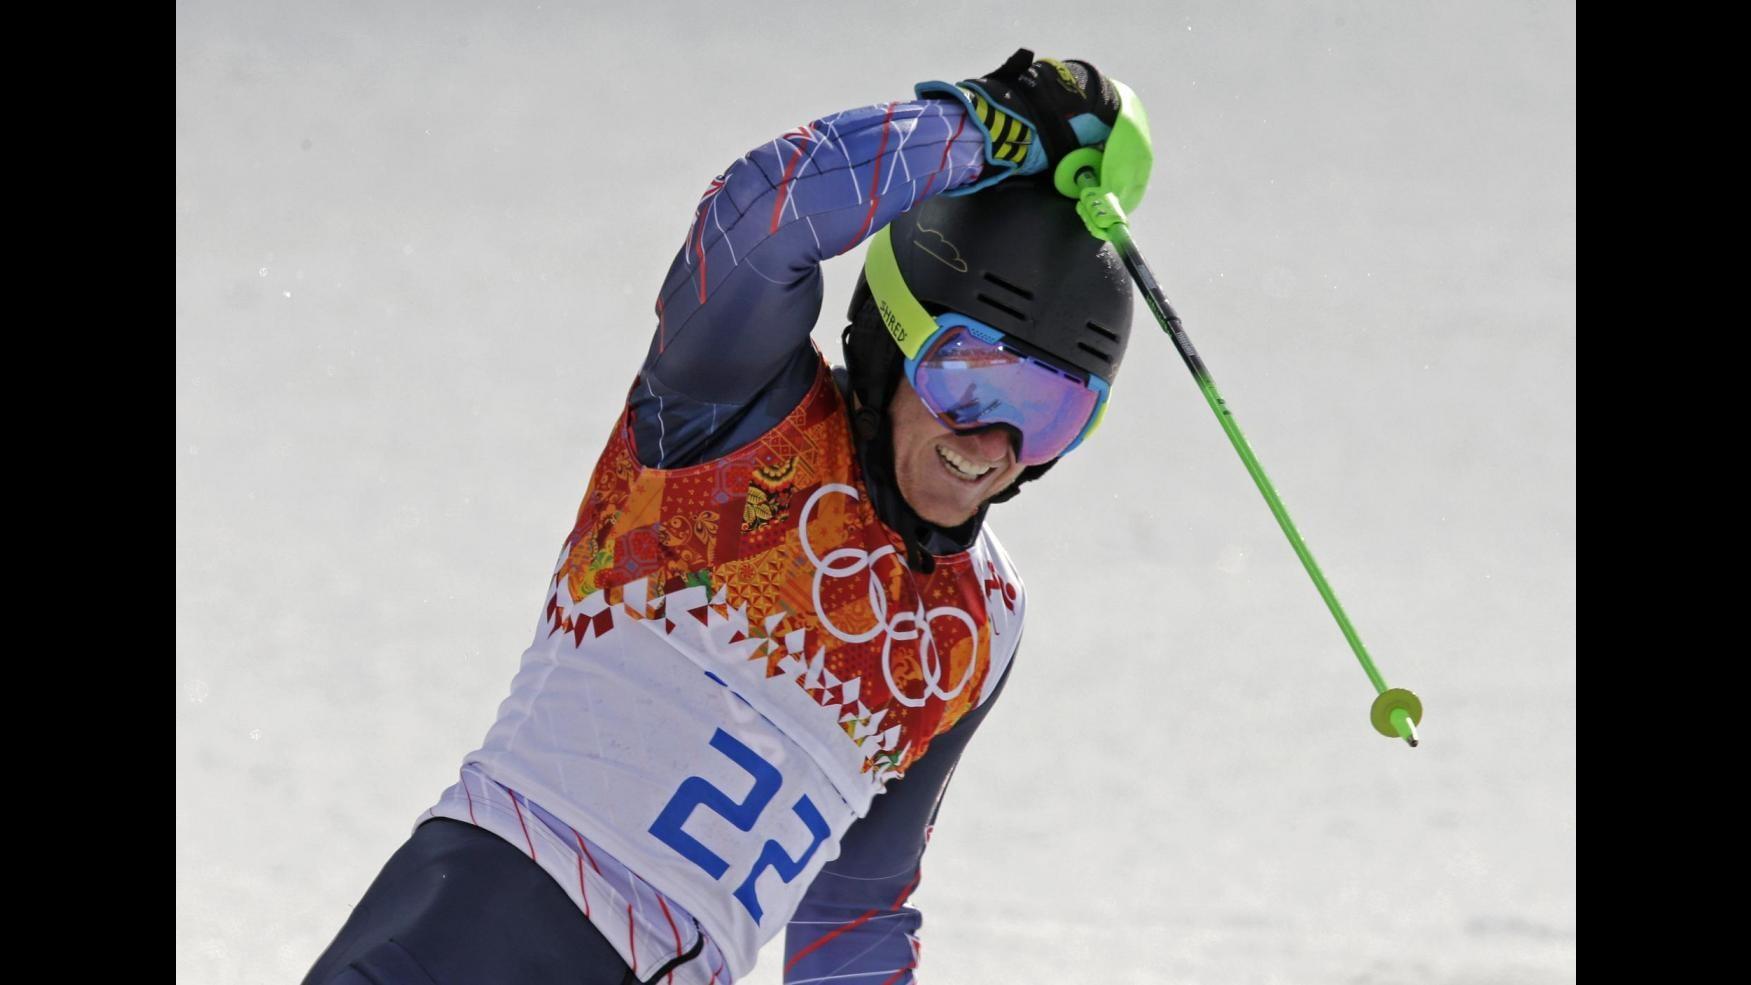 Sochi 2014, gigante uomini: Ligety al comando dopo prima manche, Simoncelli 3°